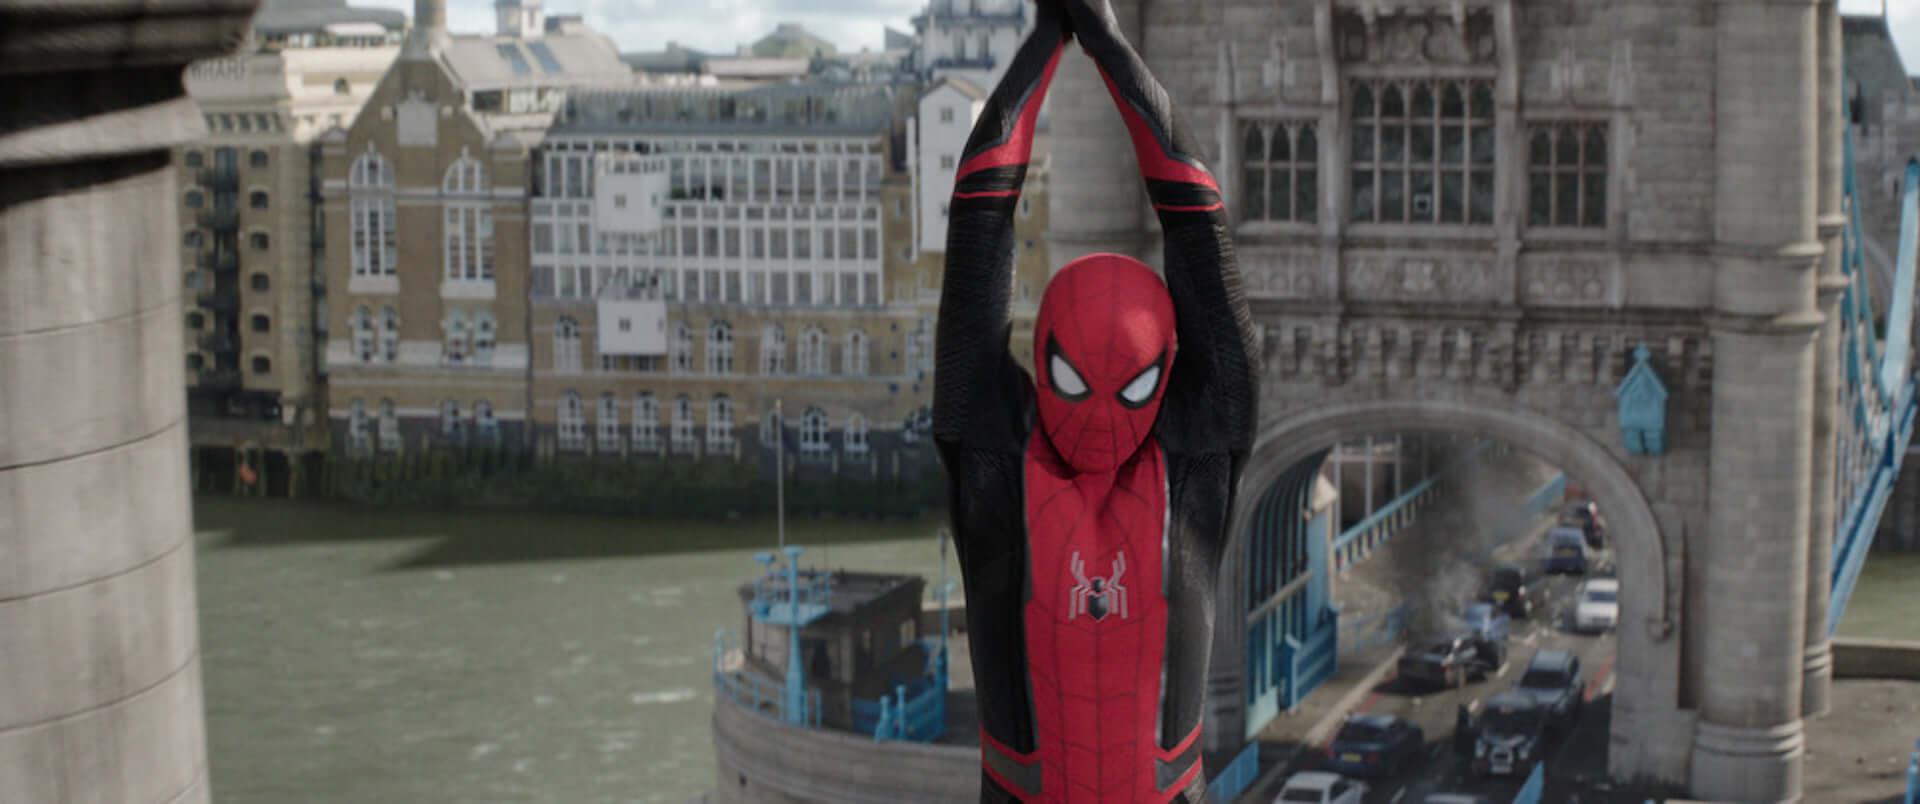 カギを握るのはニック・フューリー!?『スパイダーマン:ファー・フロム・ホーム』のキャストインタビュー映像第2弾公開 film190706spiderman-farfromhome-making_4-1920x804